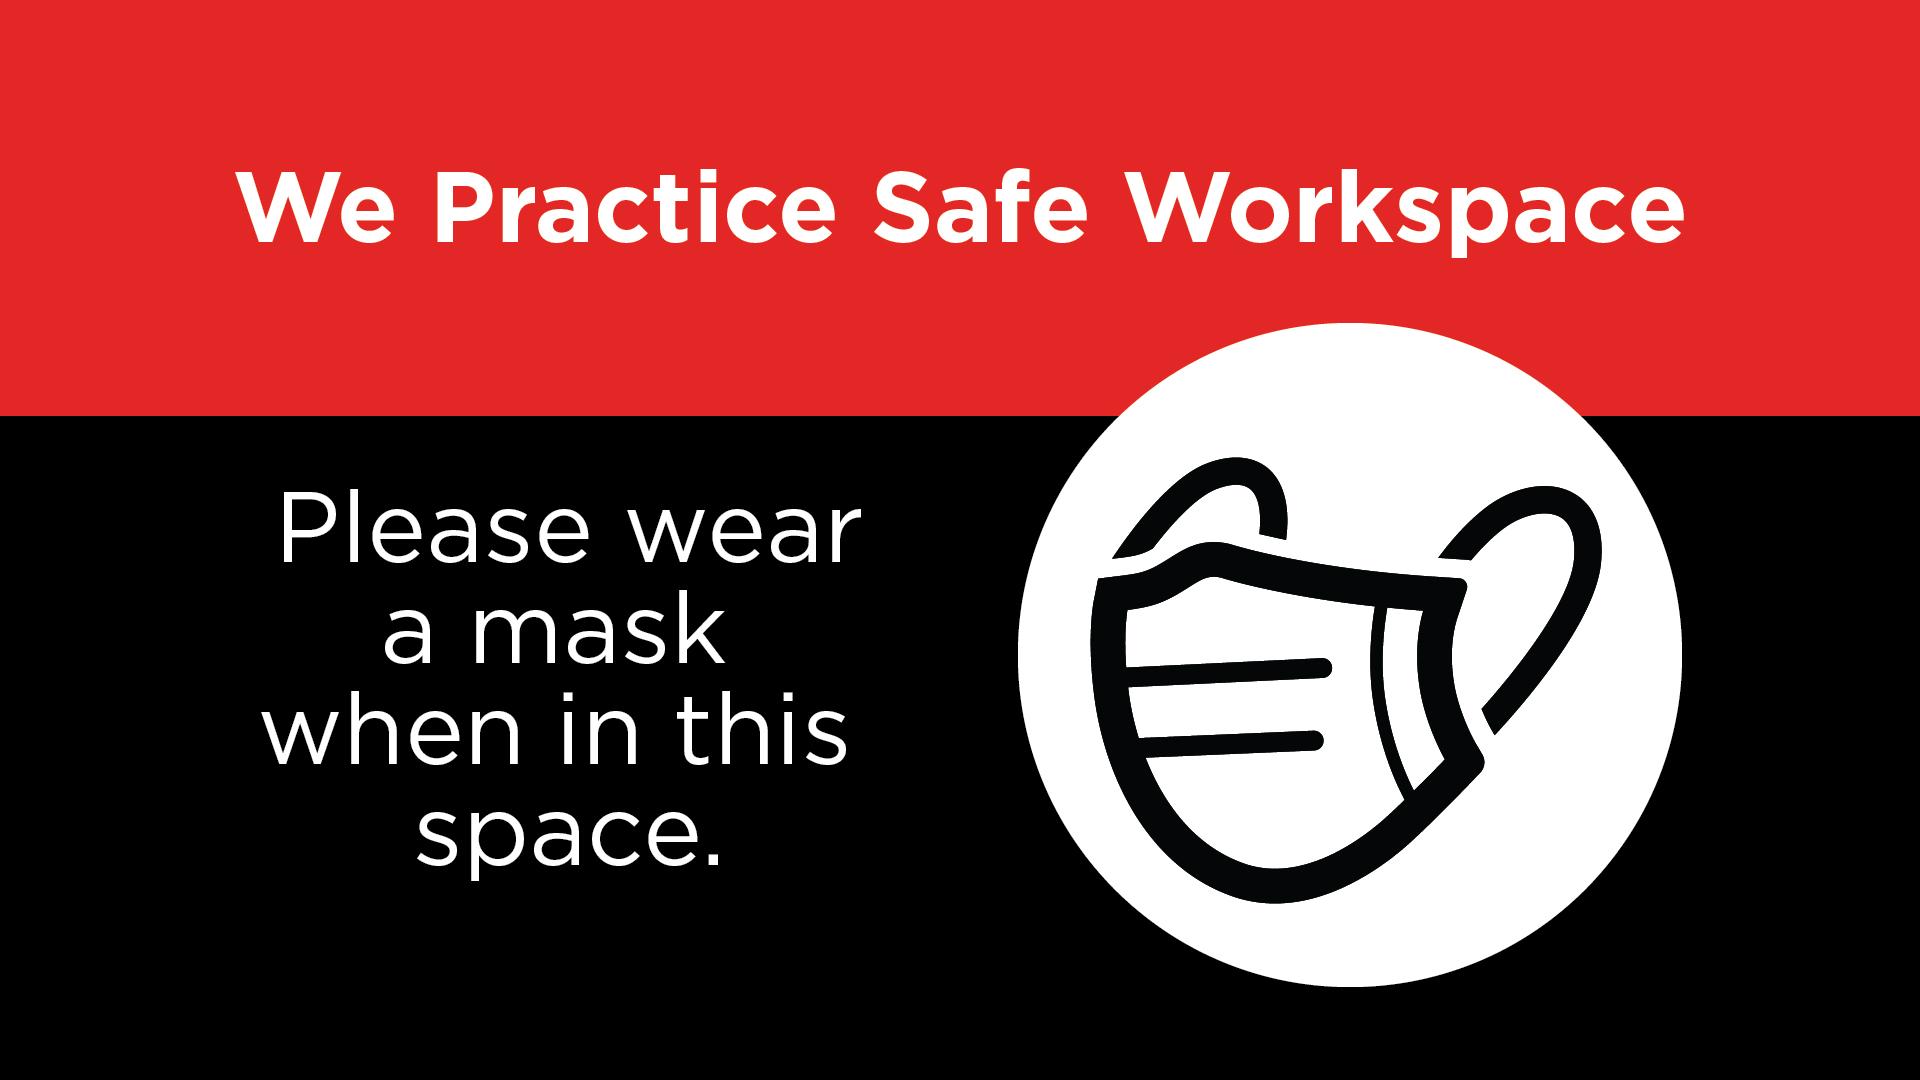 Safe Workspace - Wear A Mask Digital Signage Image